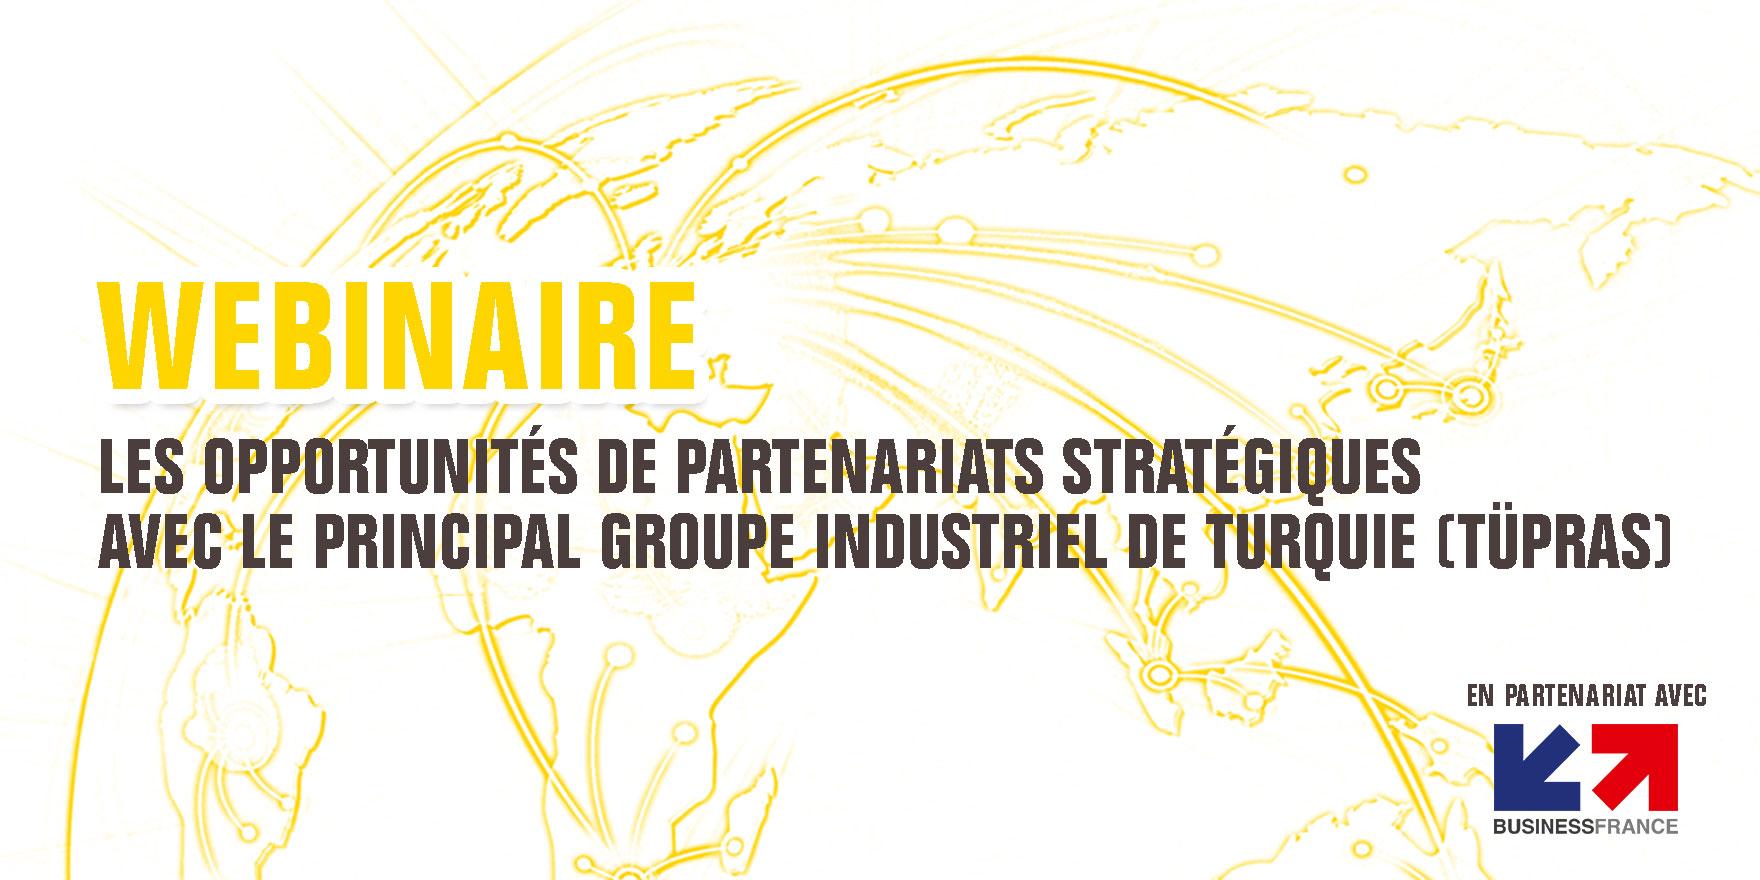 Webinaire : Les opportunités des partenariats stratégiques avec le principal groupe industriel de Turquie (Tüpraş)